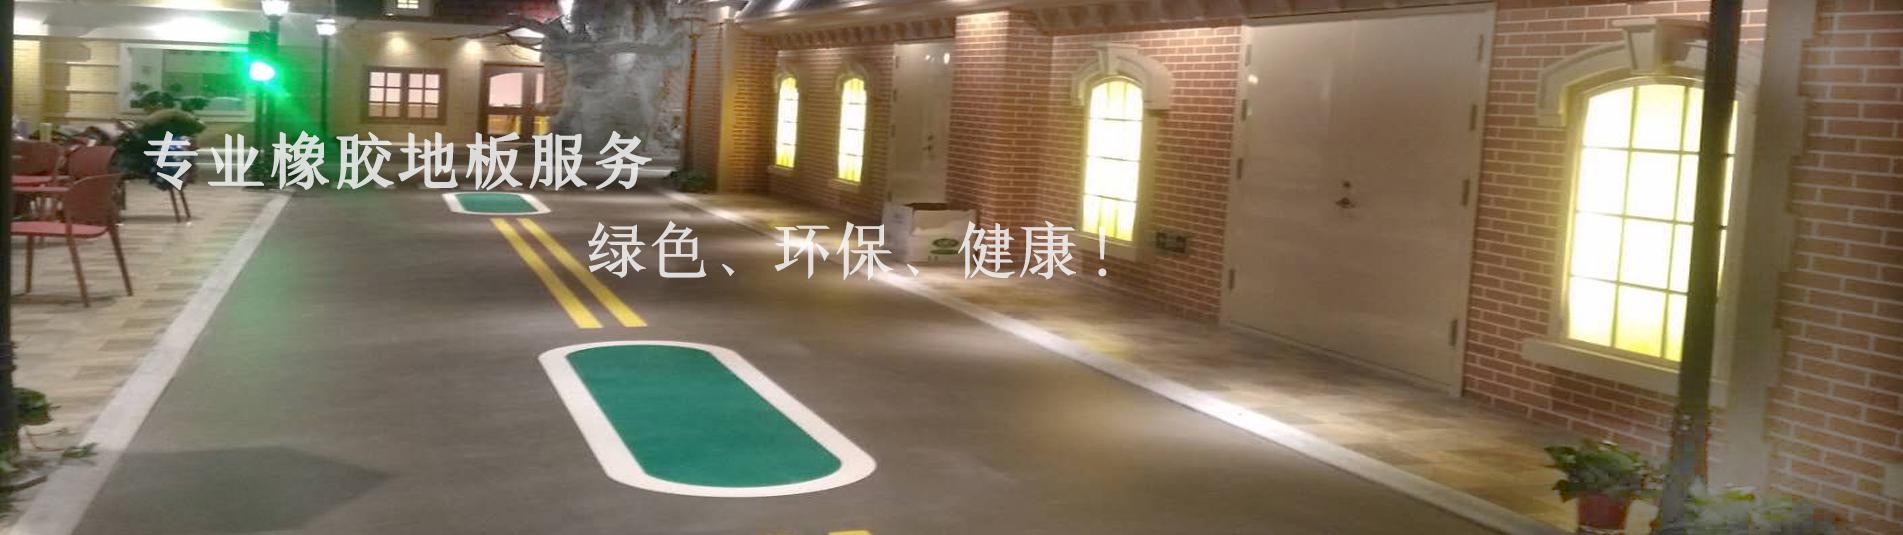 橡胶地板生产商